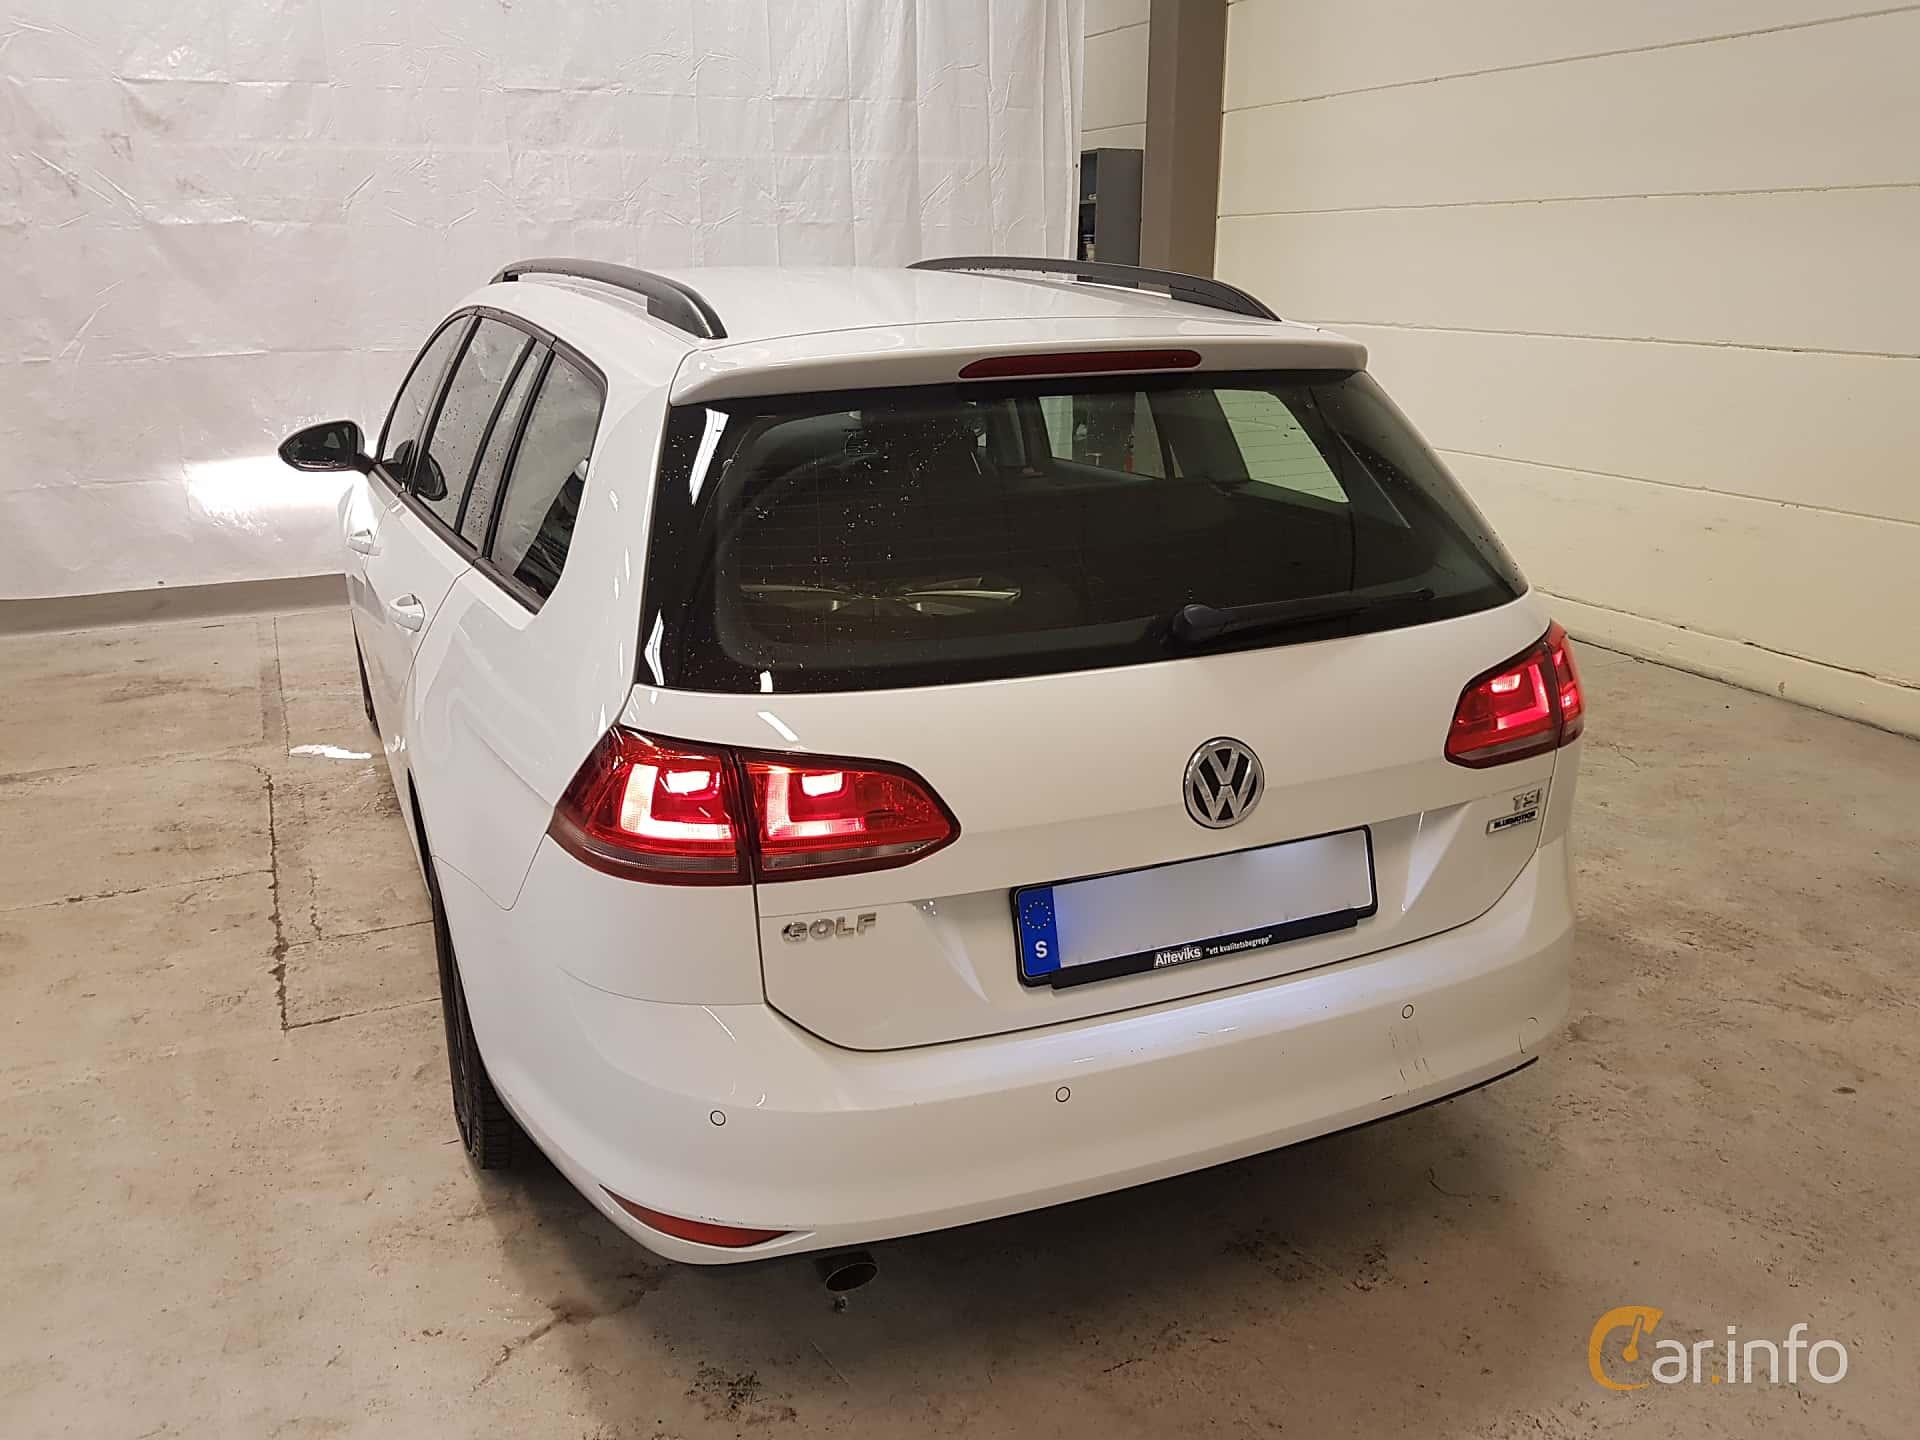 Volkswagen Golf Variant 1.2 TSI Manual, 110hp, 2016